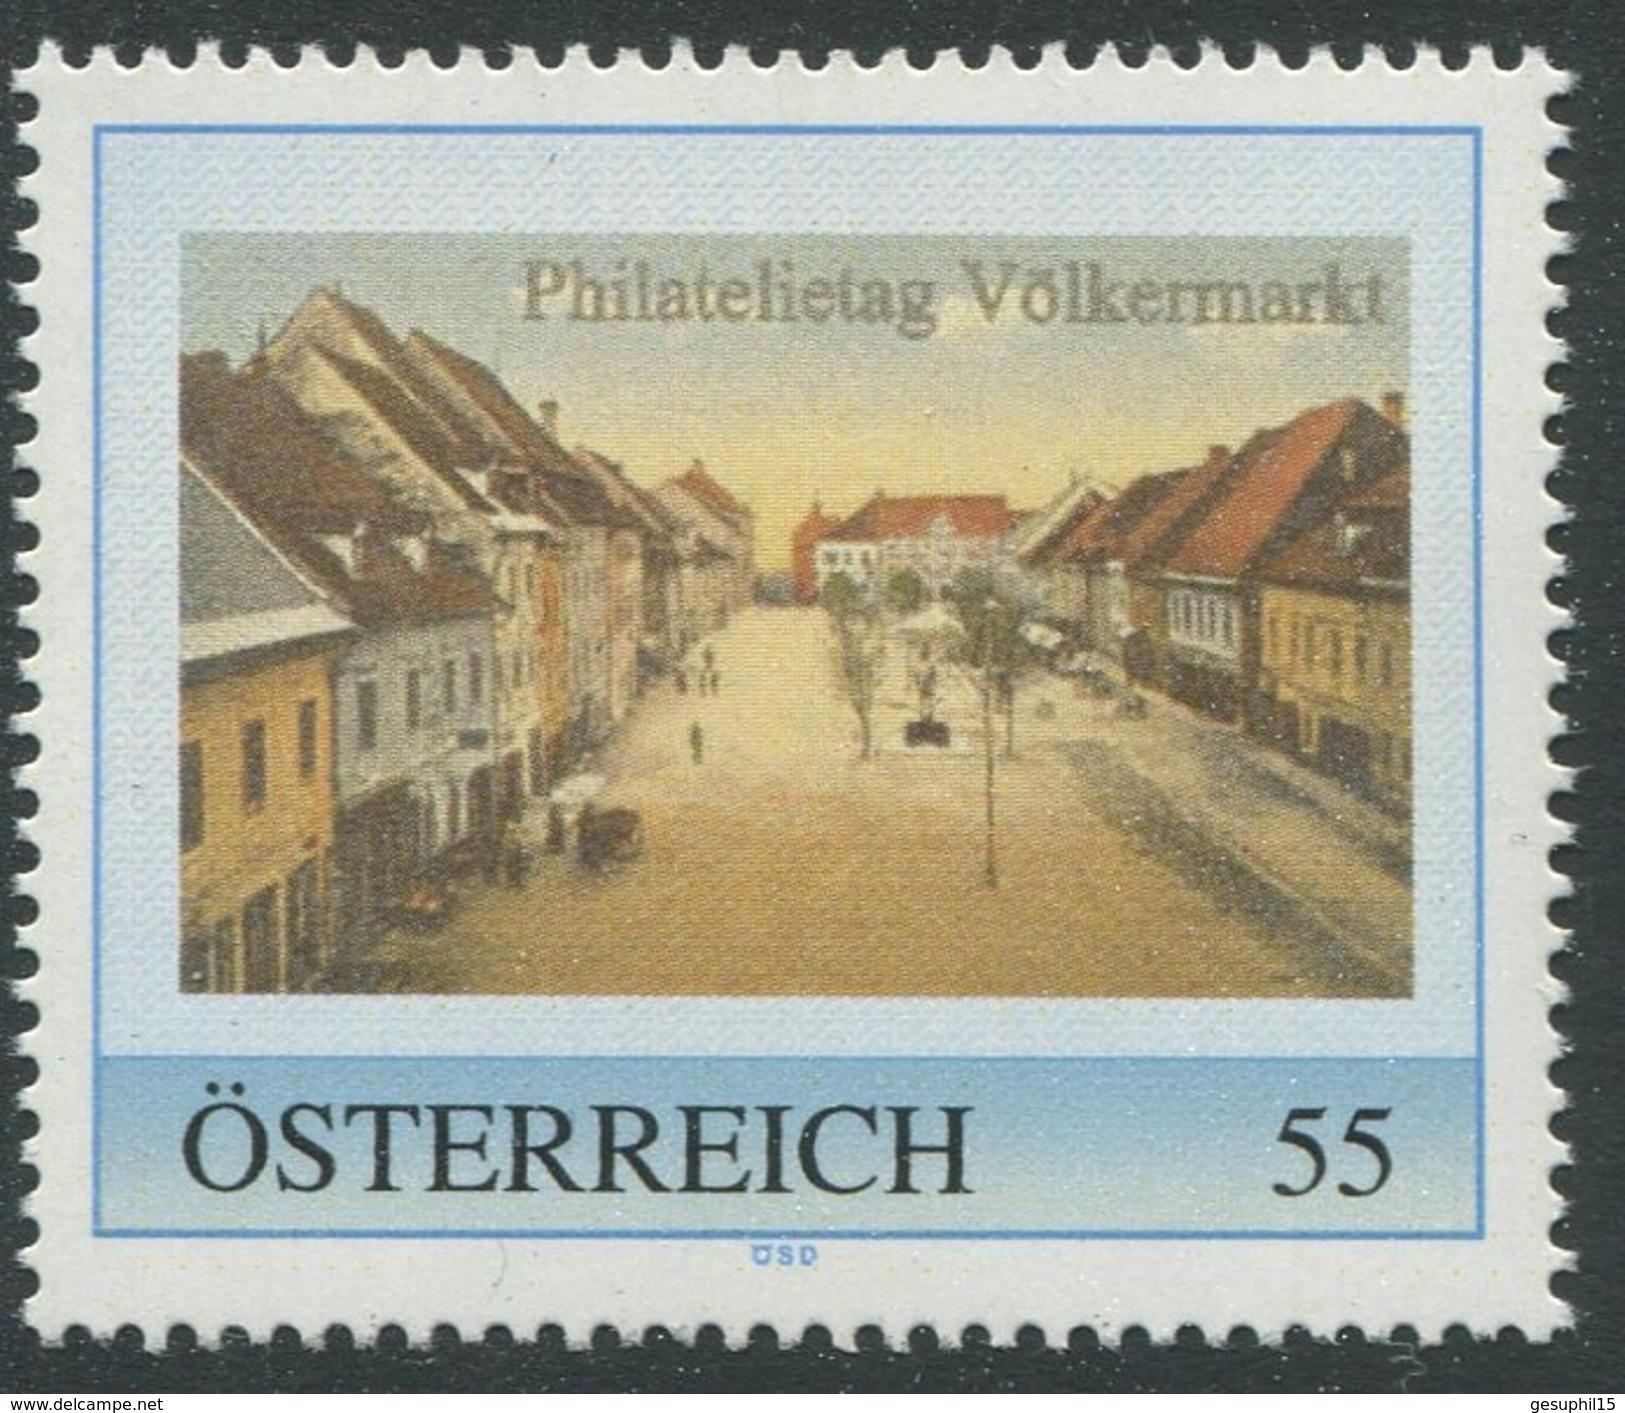 ÖSTERREICH / Philatelietag Völkermarkt / Postfrisch / ** / MNH - Österreich